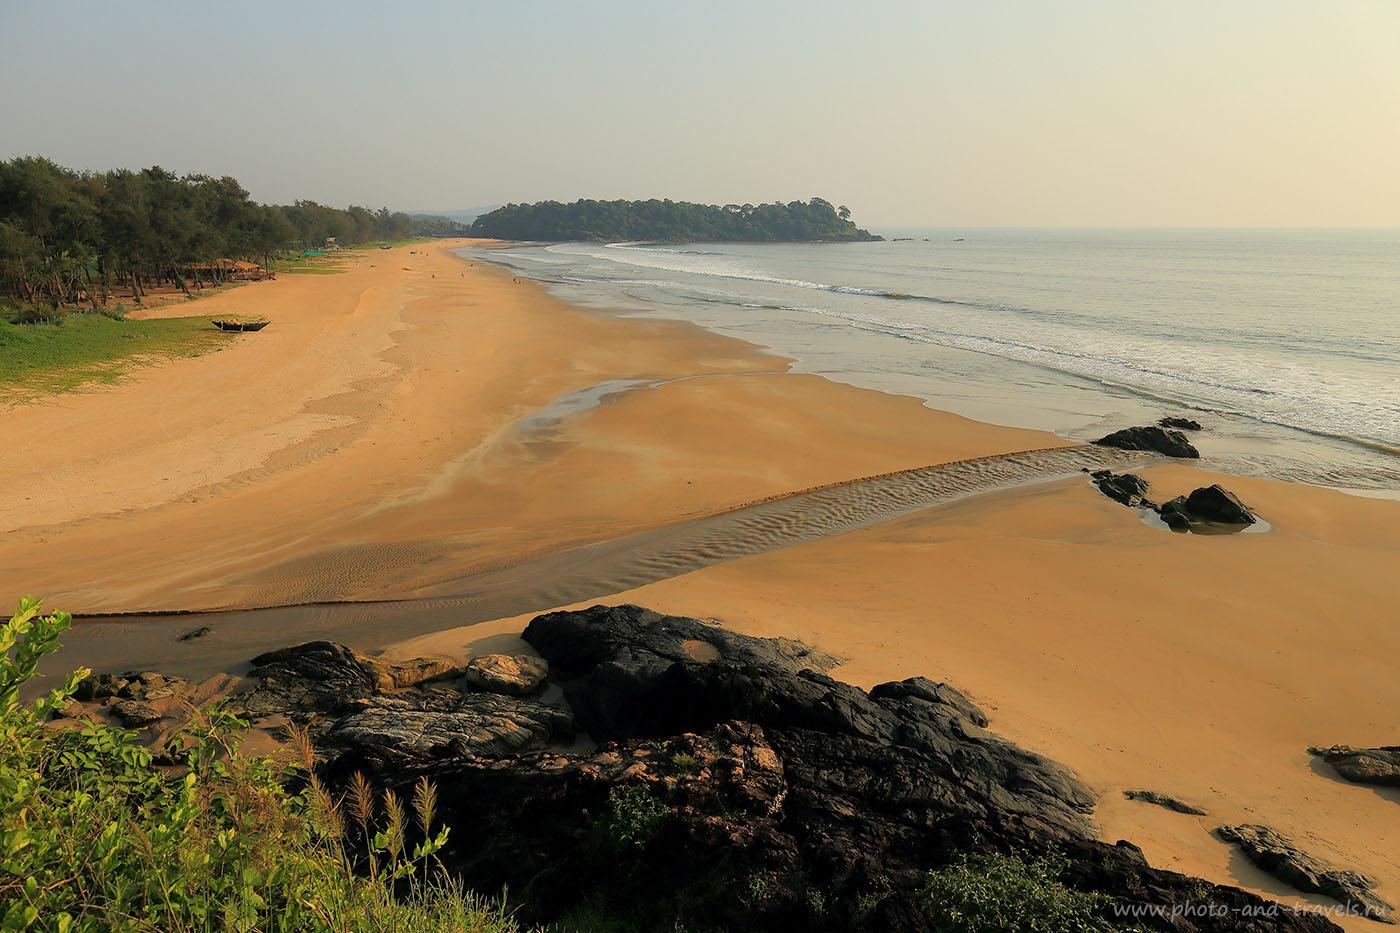 29. Панорама пляжа Раджбагх южнее пляжа Палолем. Отчет об отдыхе на Гоа самостоятельно. Поездка в Индию из России. (24-70, 1/125, -1eV, f9, 24mm, ISO 100)